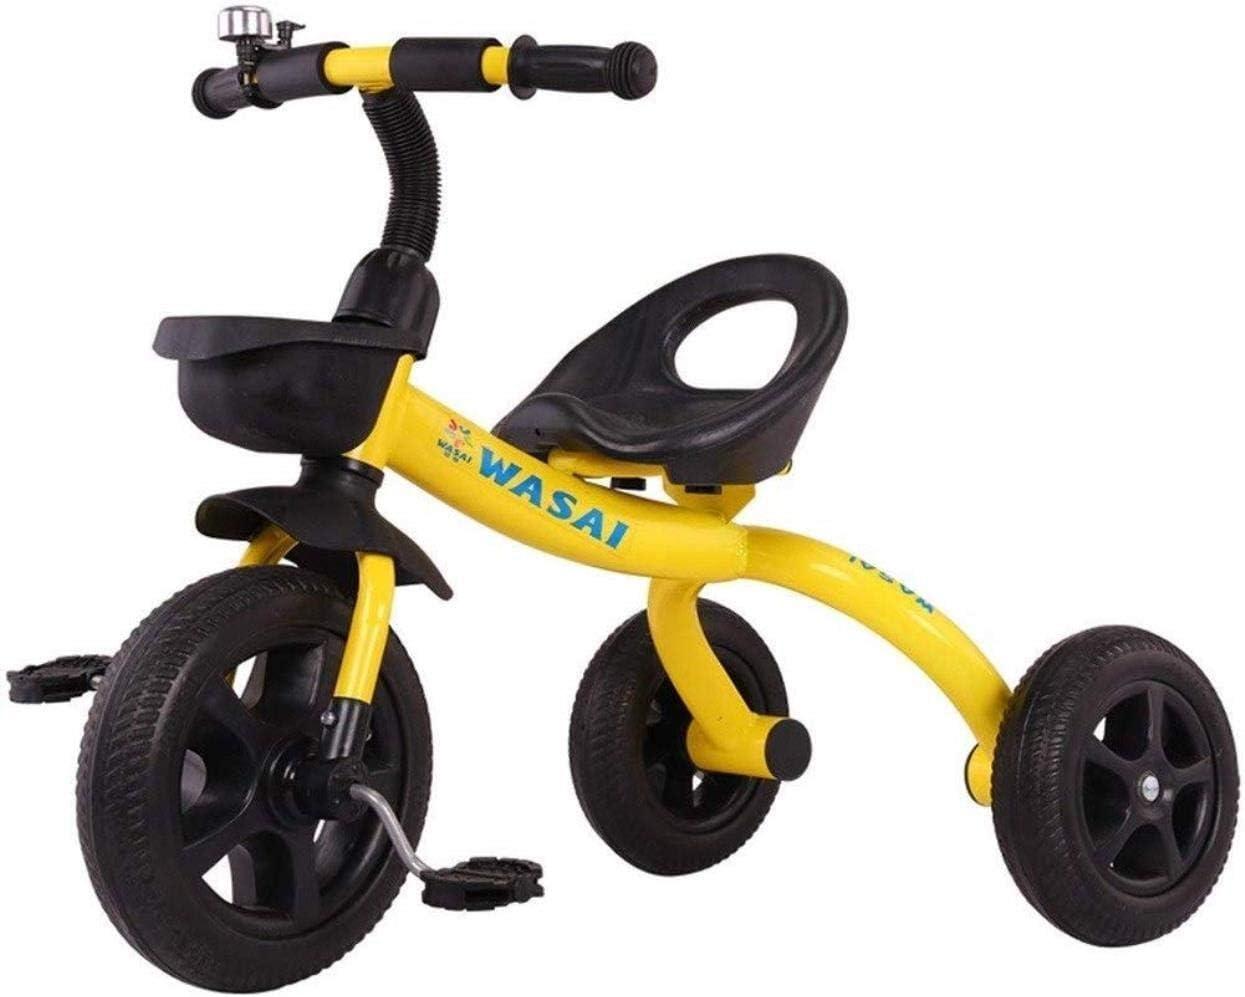 Archivador plano Triciclos Triciclo Niño Bicicleta del niño Triciclo Silla de Paseo con Bicicleta clásica de Bell al Aire Libre de la Bici del Triciclo del bebé Cubierta Adecuado niños 1-3-6 años